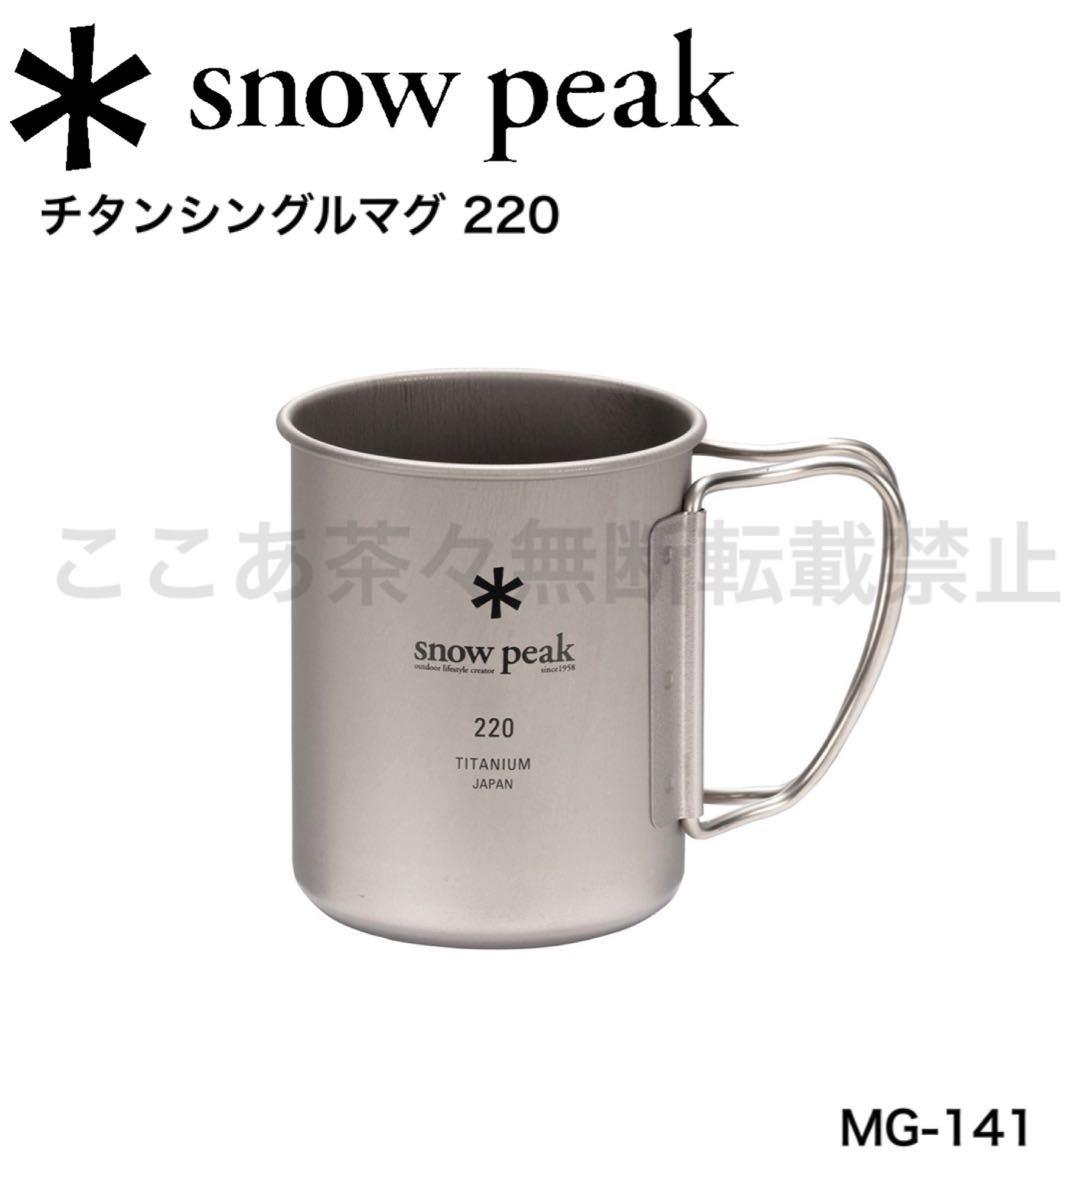 スノーピーク(snow peak) チタンシングルマグ 220